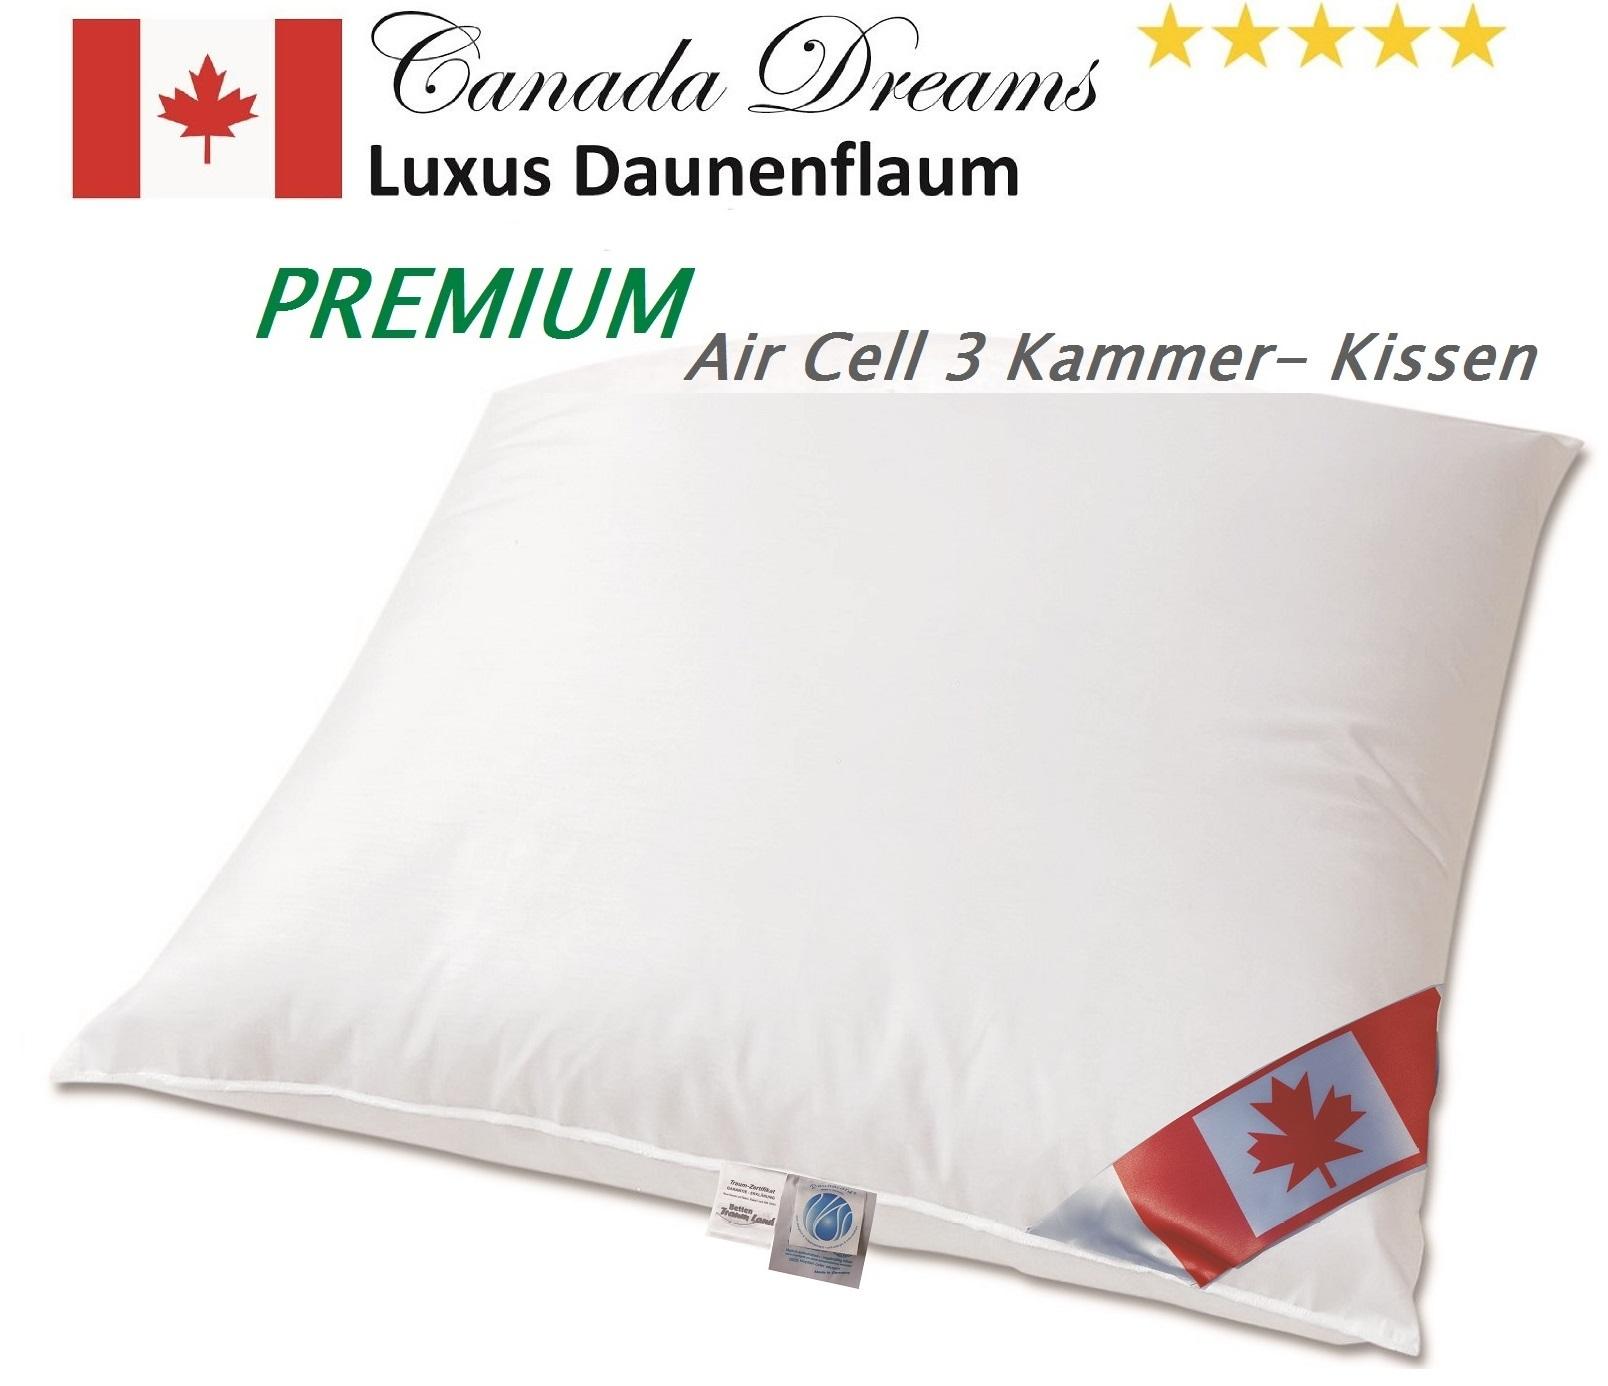 NEU: Premium Air Cell 3-Kammer Kissen außen 100% Daune 80x80 cm